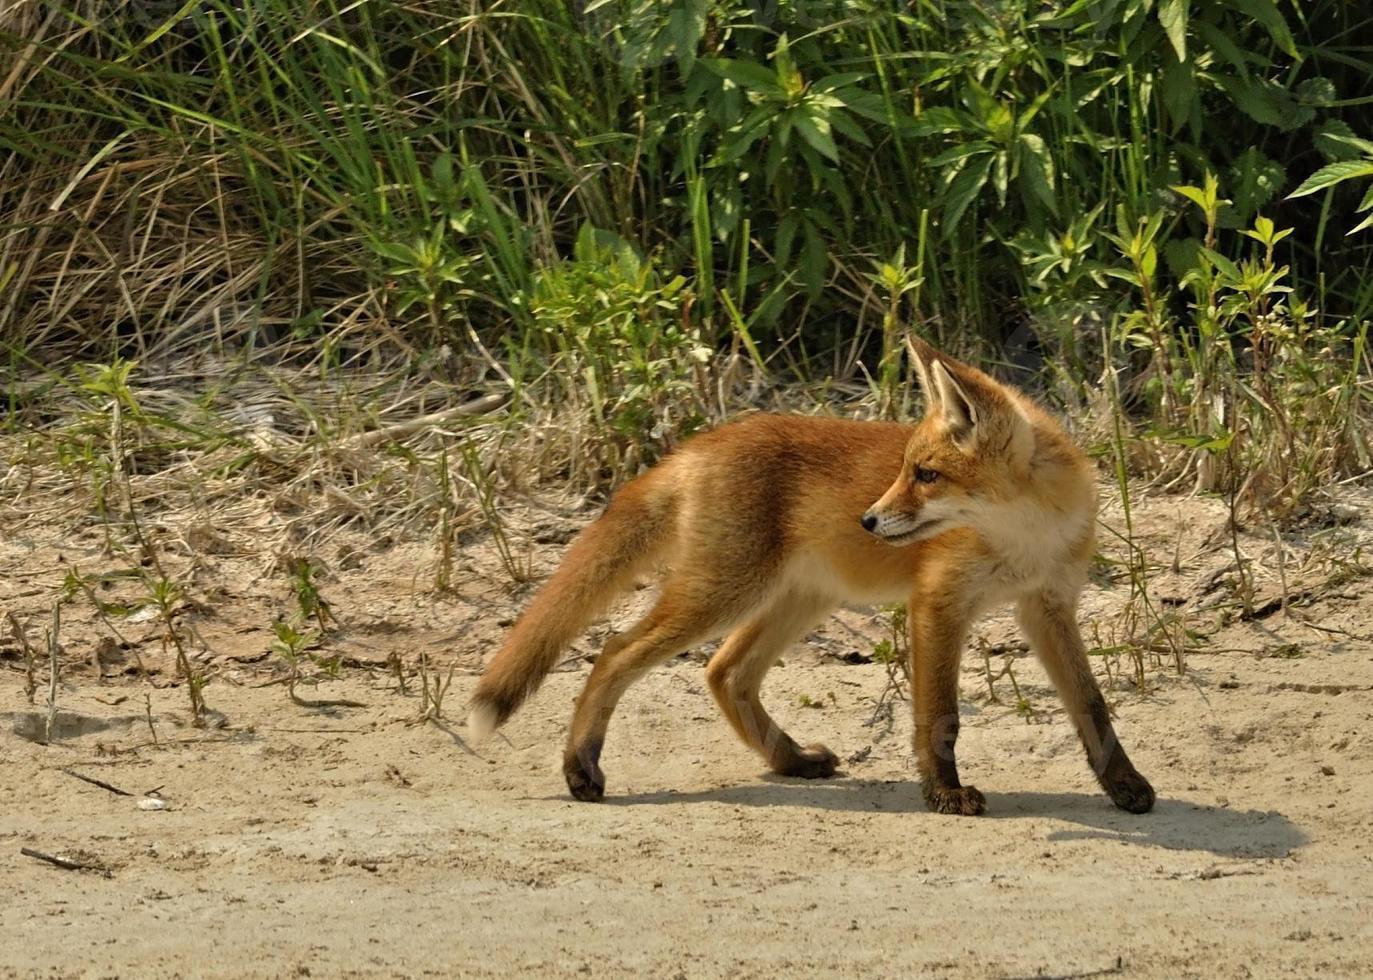 cachorro de zorro rojo foto